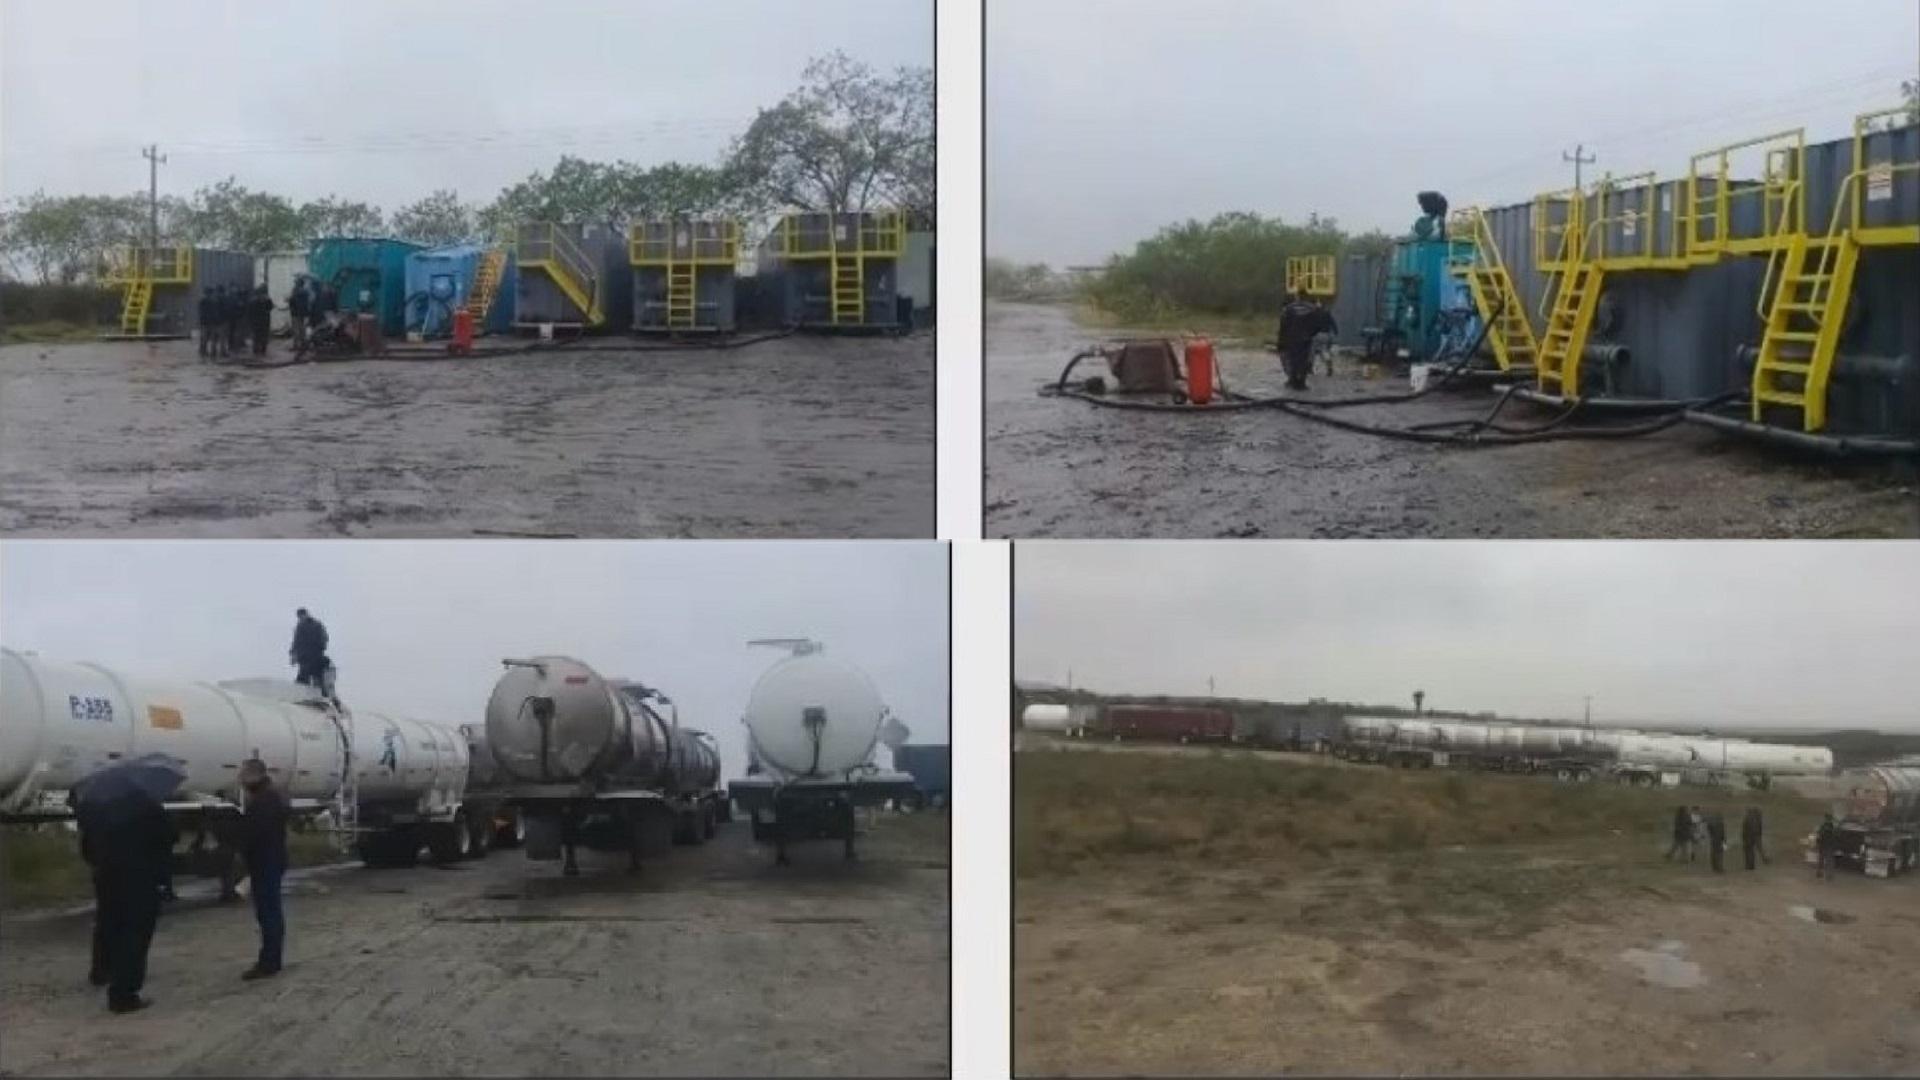 Sistema clandestino de distribución en carretera Monterrey-Reynosa. Captura de pantalla